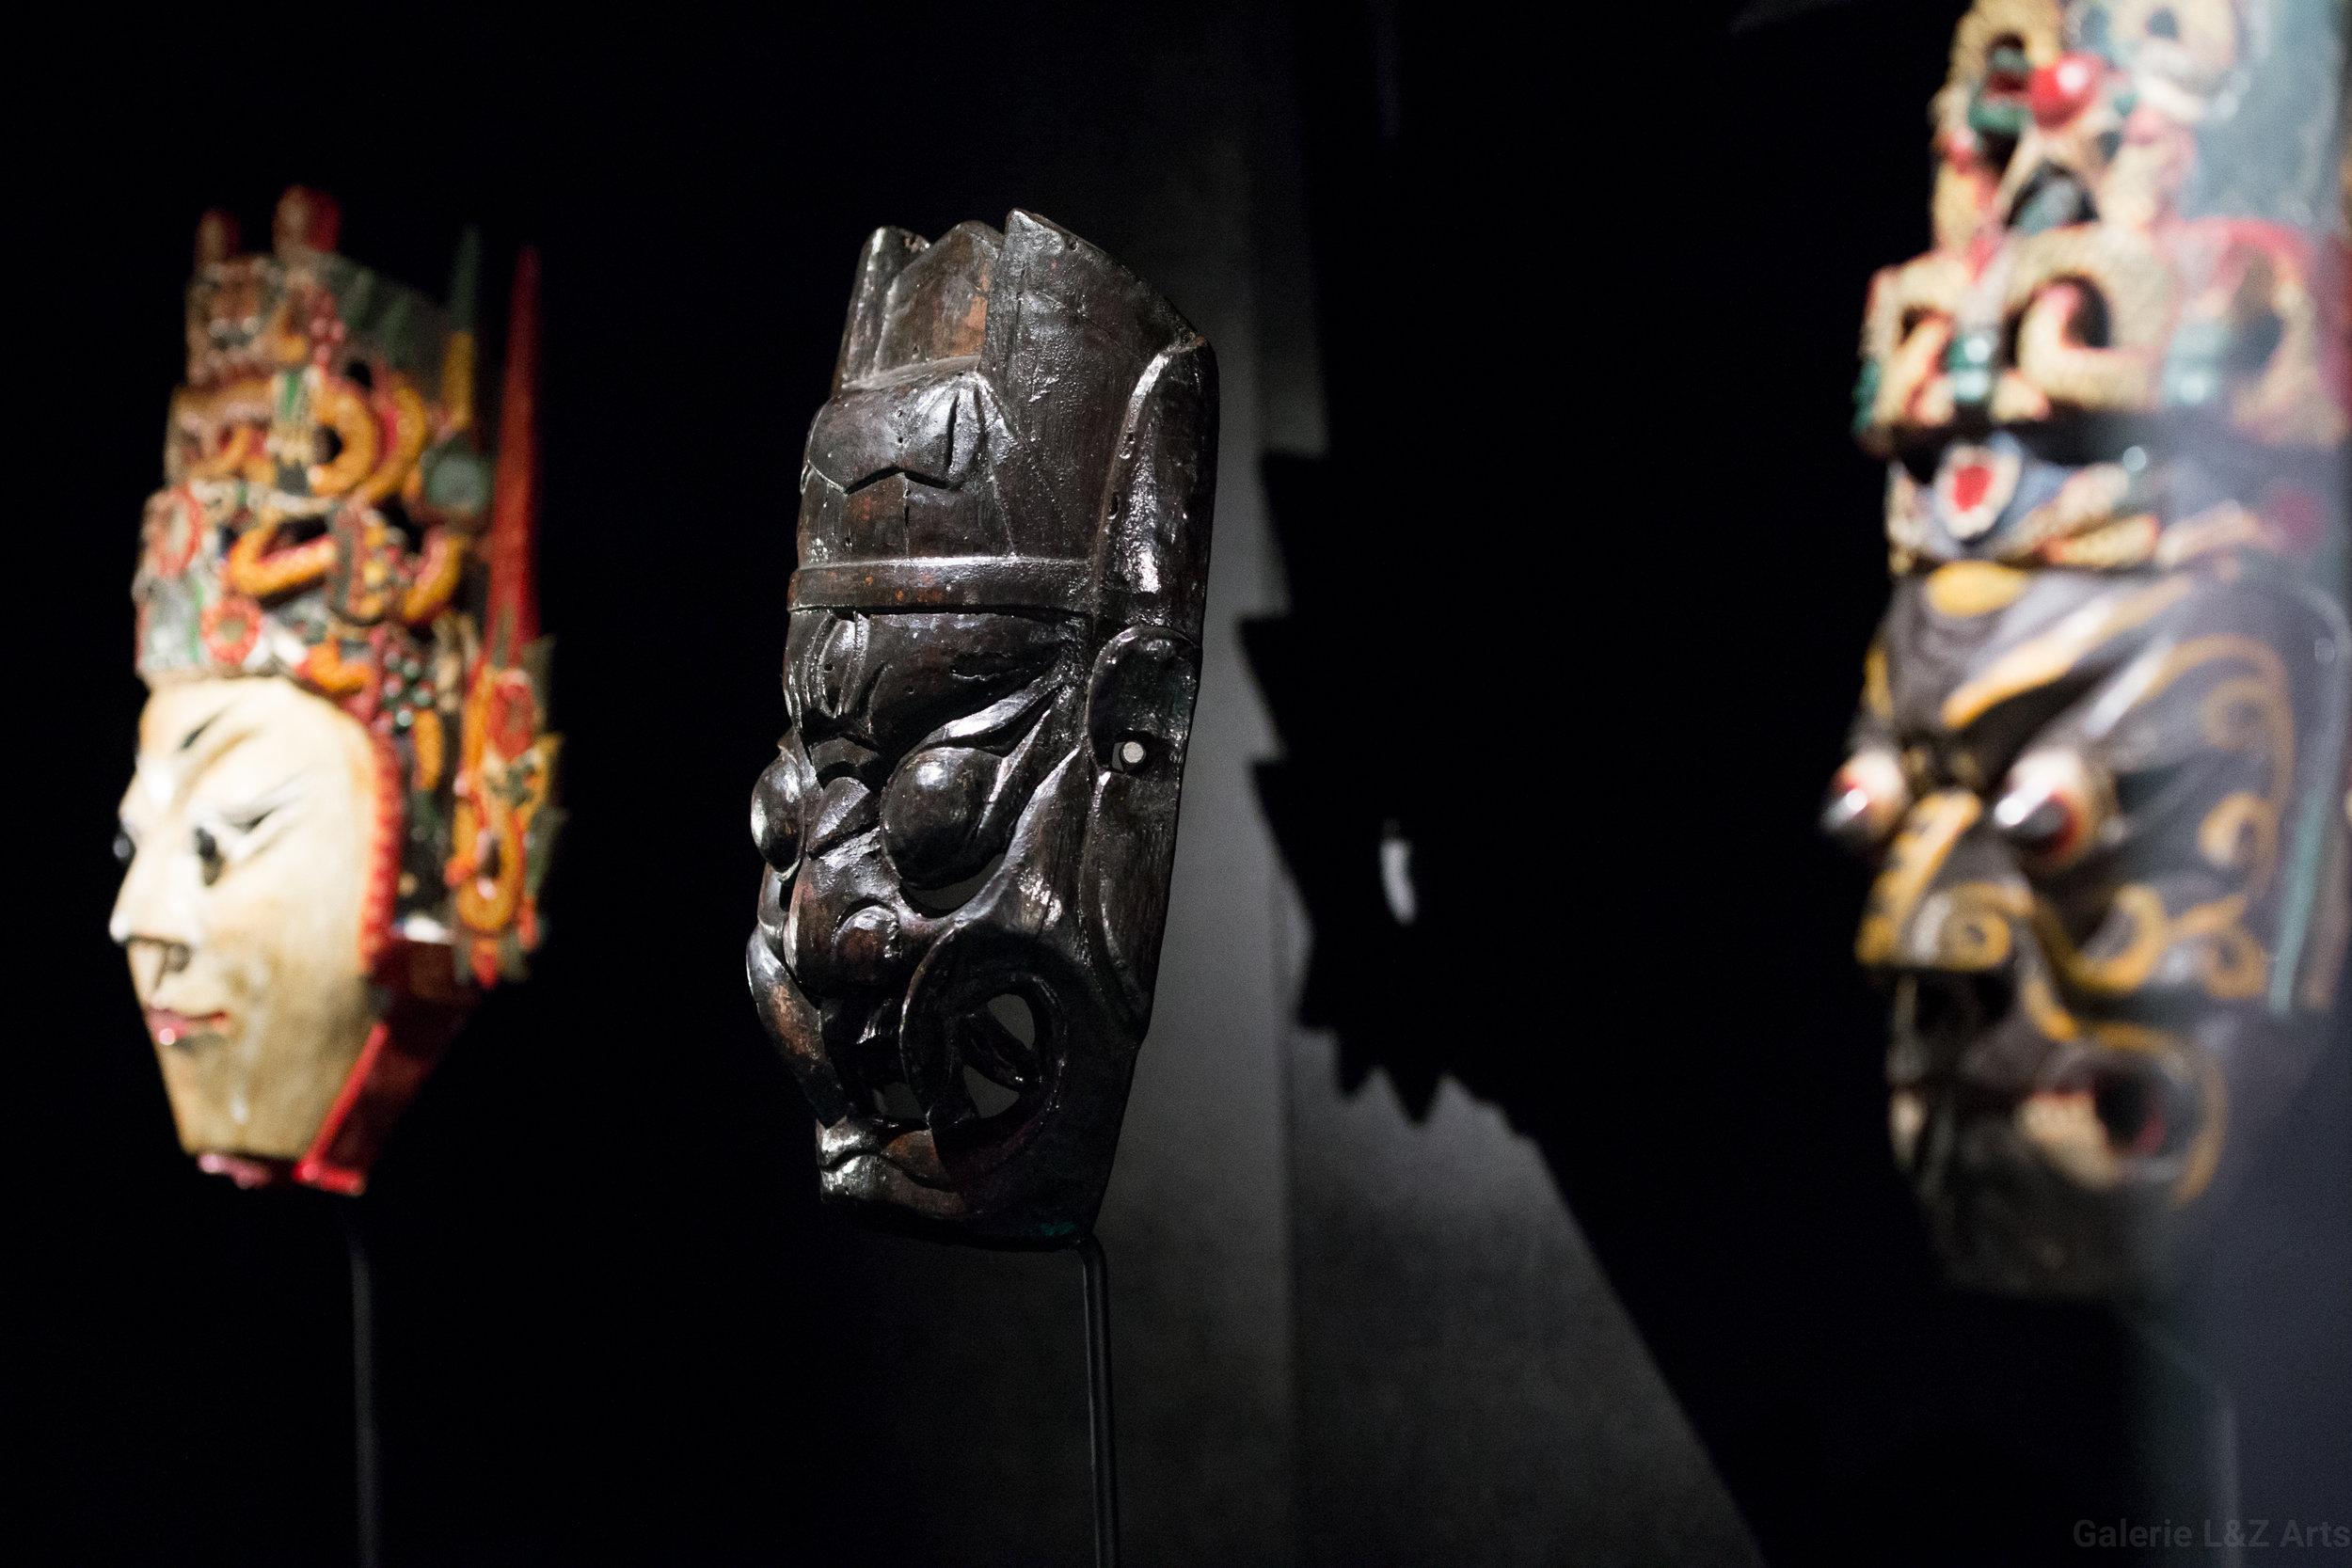 exposition-masque-art-tribal-africain-musee-quai-branly-belgique-galerie-lz-arts-liege-cite-miroir-oceanie-asie-japon-amerique-art-premier-nepal-37.jpg